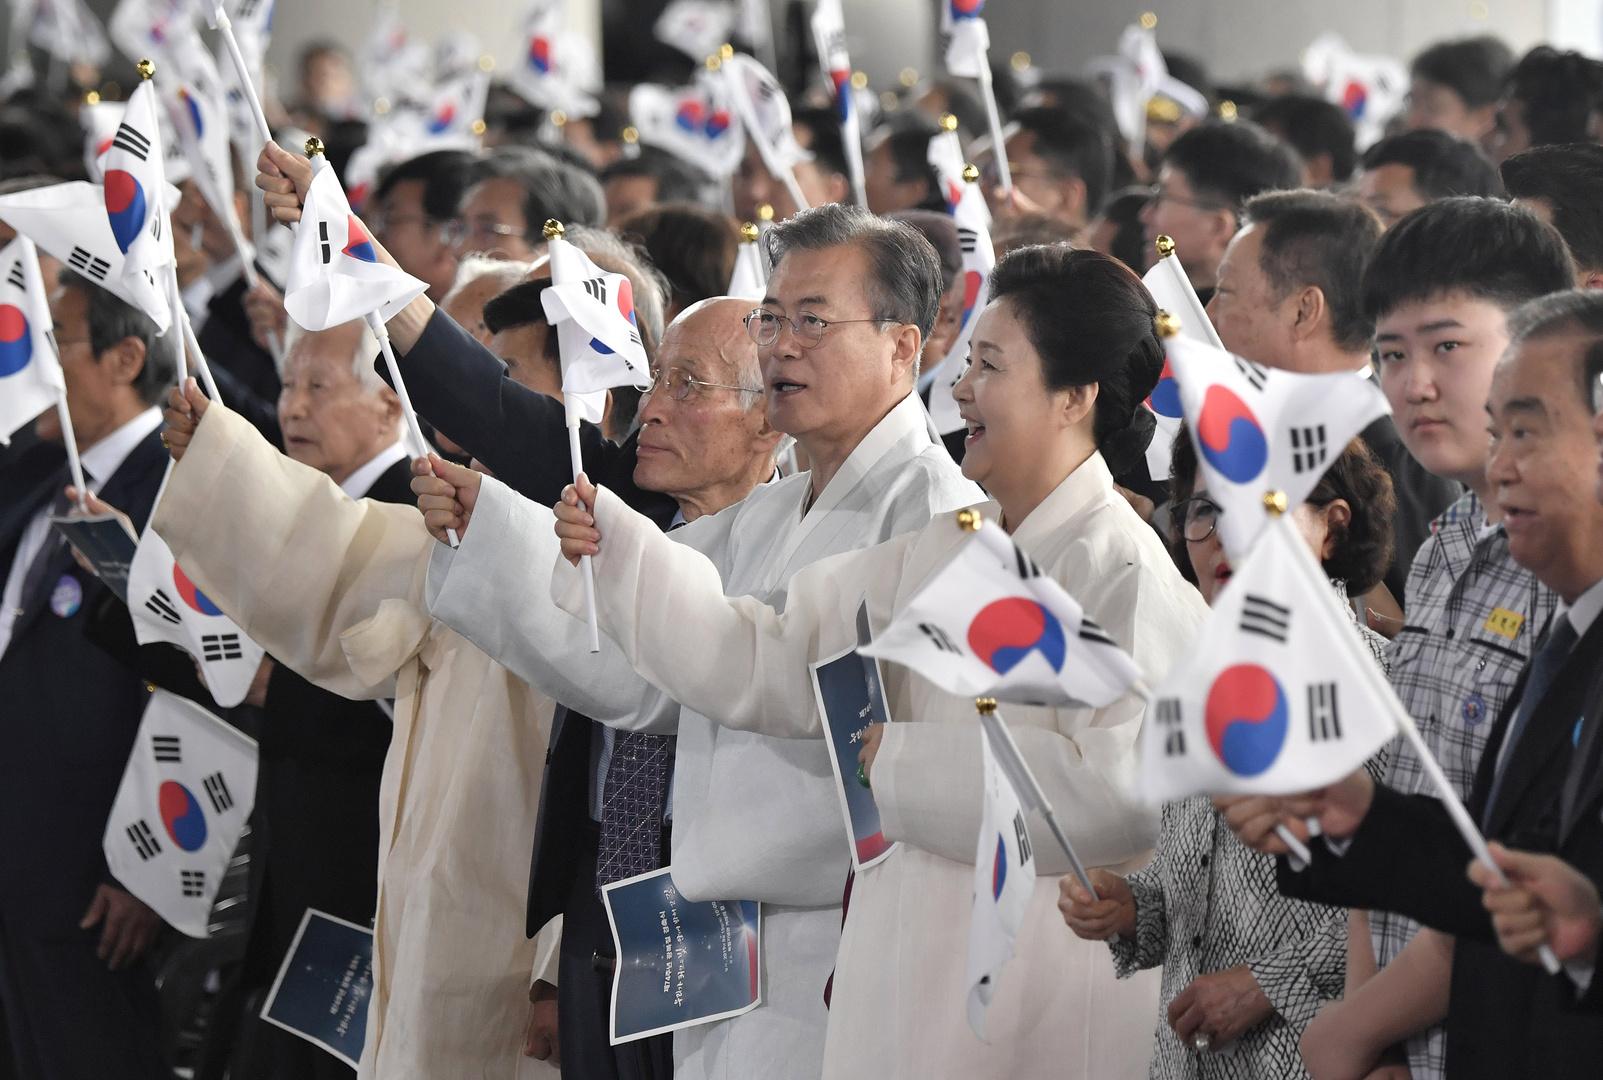 الرئيس الكوري الجنوبي مون جيه إن وزوجته كيم جونغ سوك وجمع من الناس يلوحون بالأعلام الكورية الجنوبية